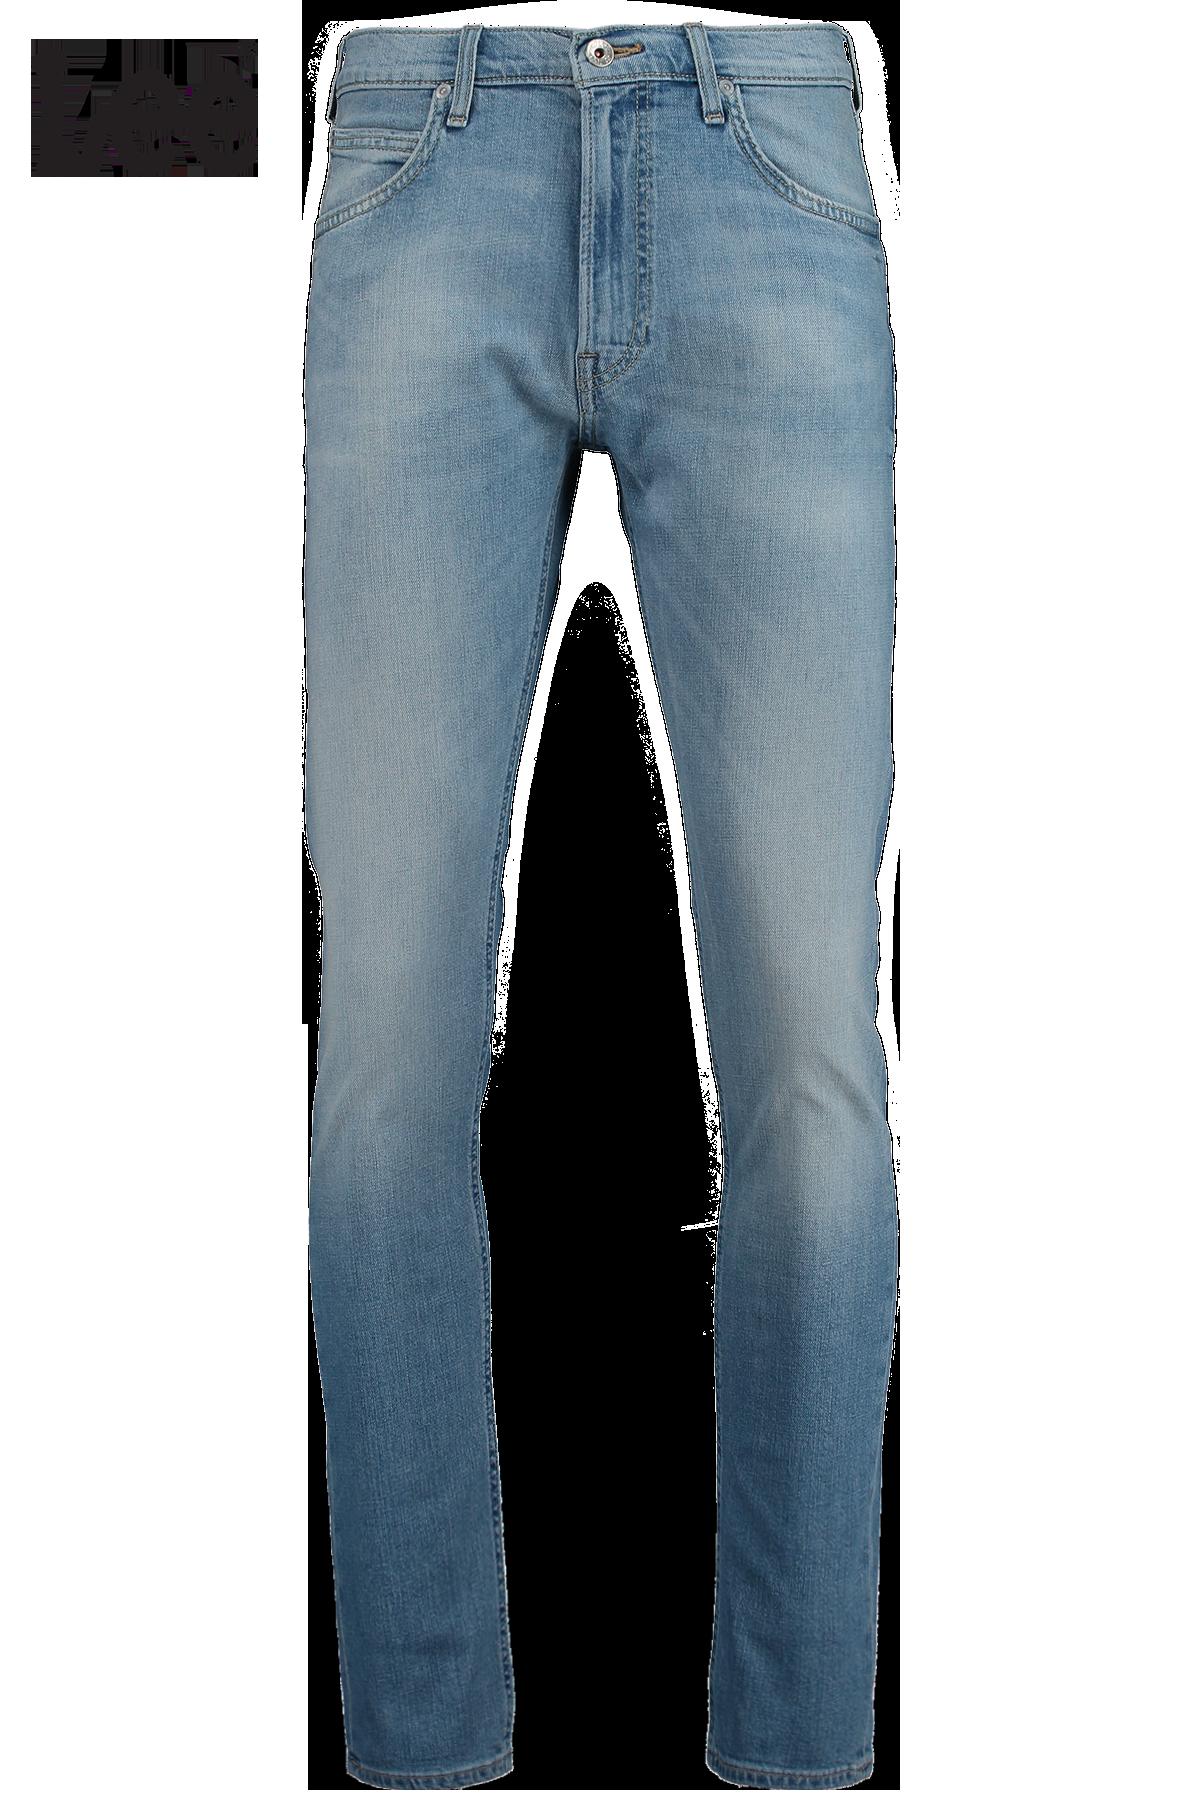 Jeans Lee Luke